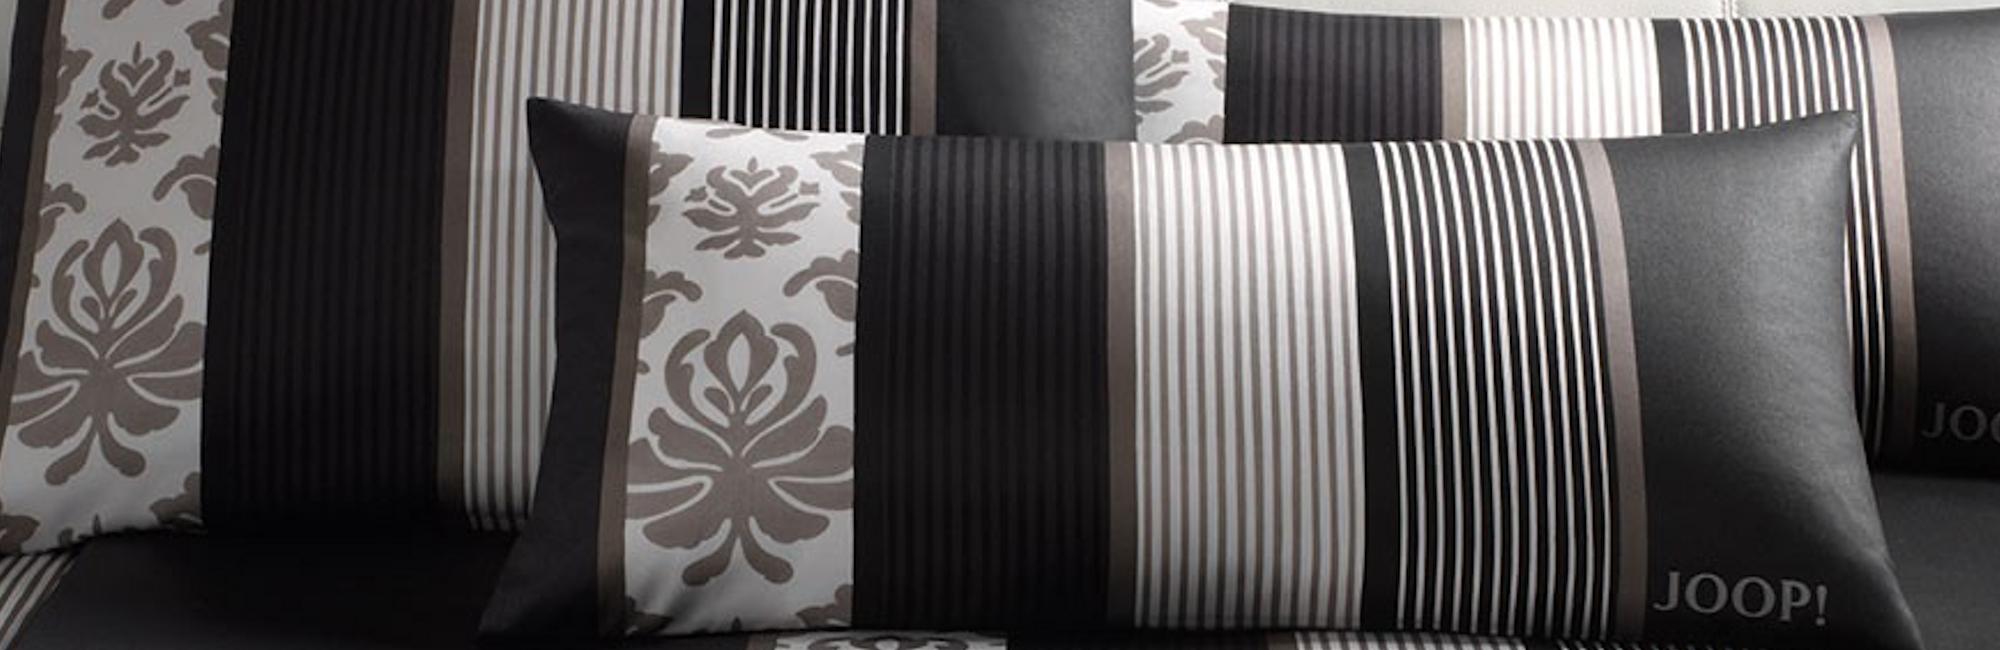 joop living joop bettw sche und decken. Black Bedroom Furniture Sets. Home Design Ideas